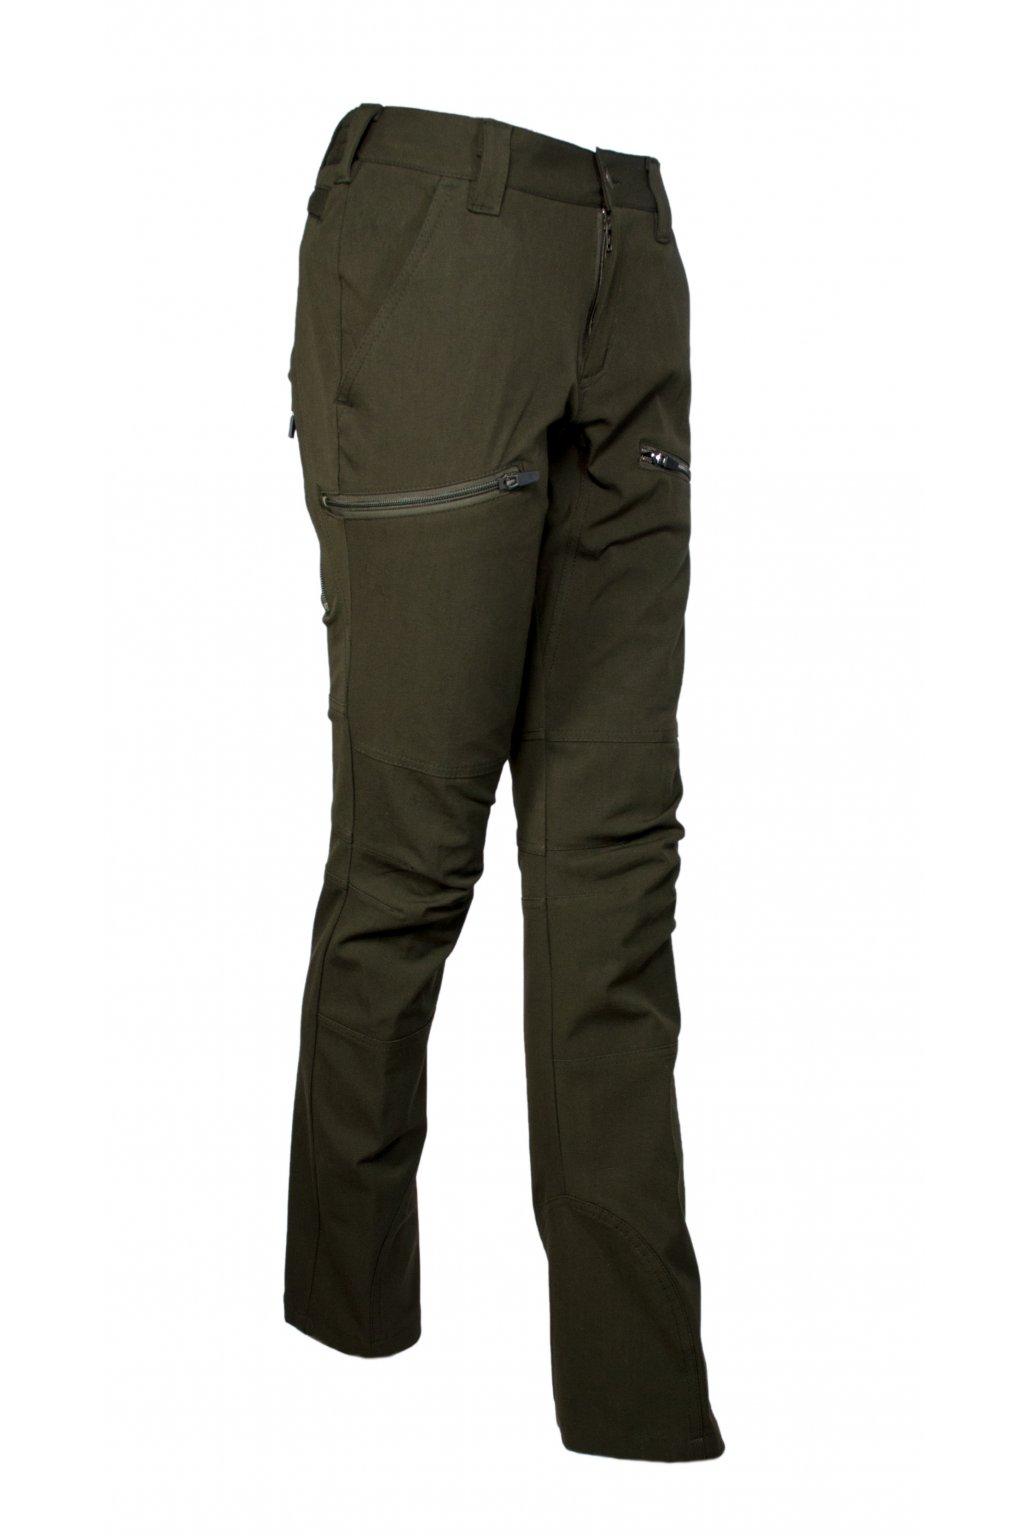 HUBERTUS - kalhoty dámské Stretch zelené